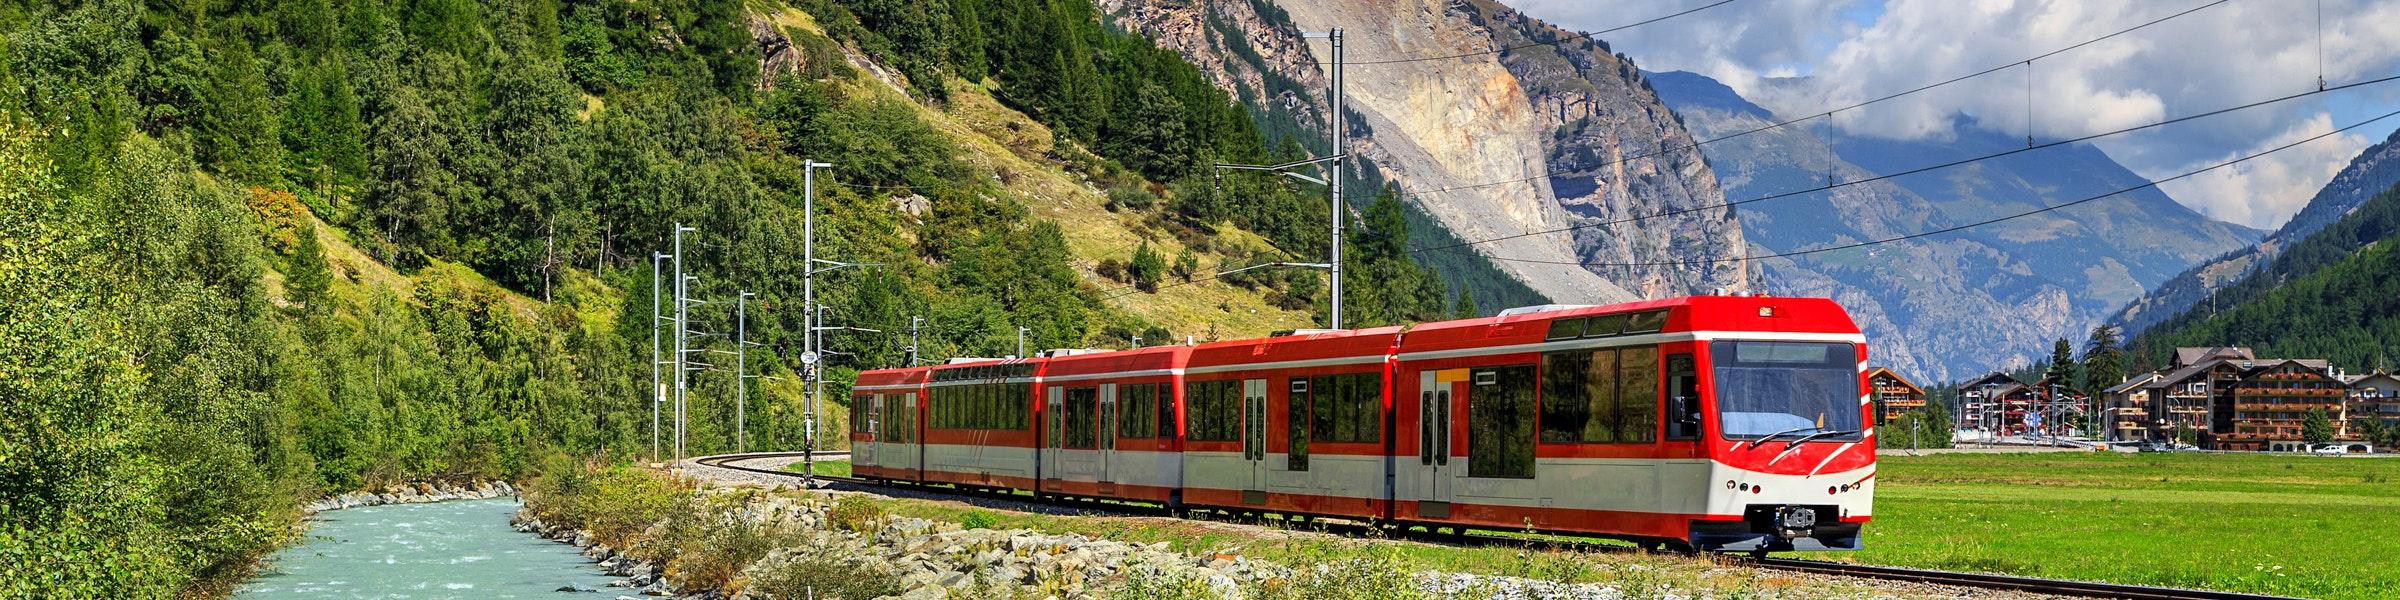 Täsch Zermatt trein